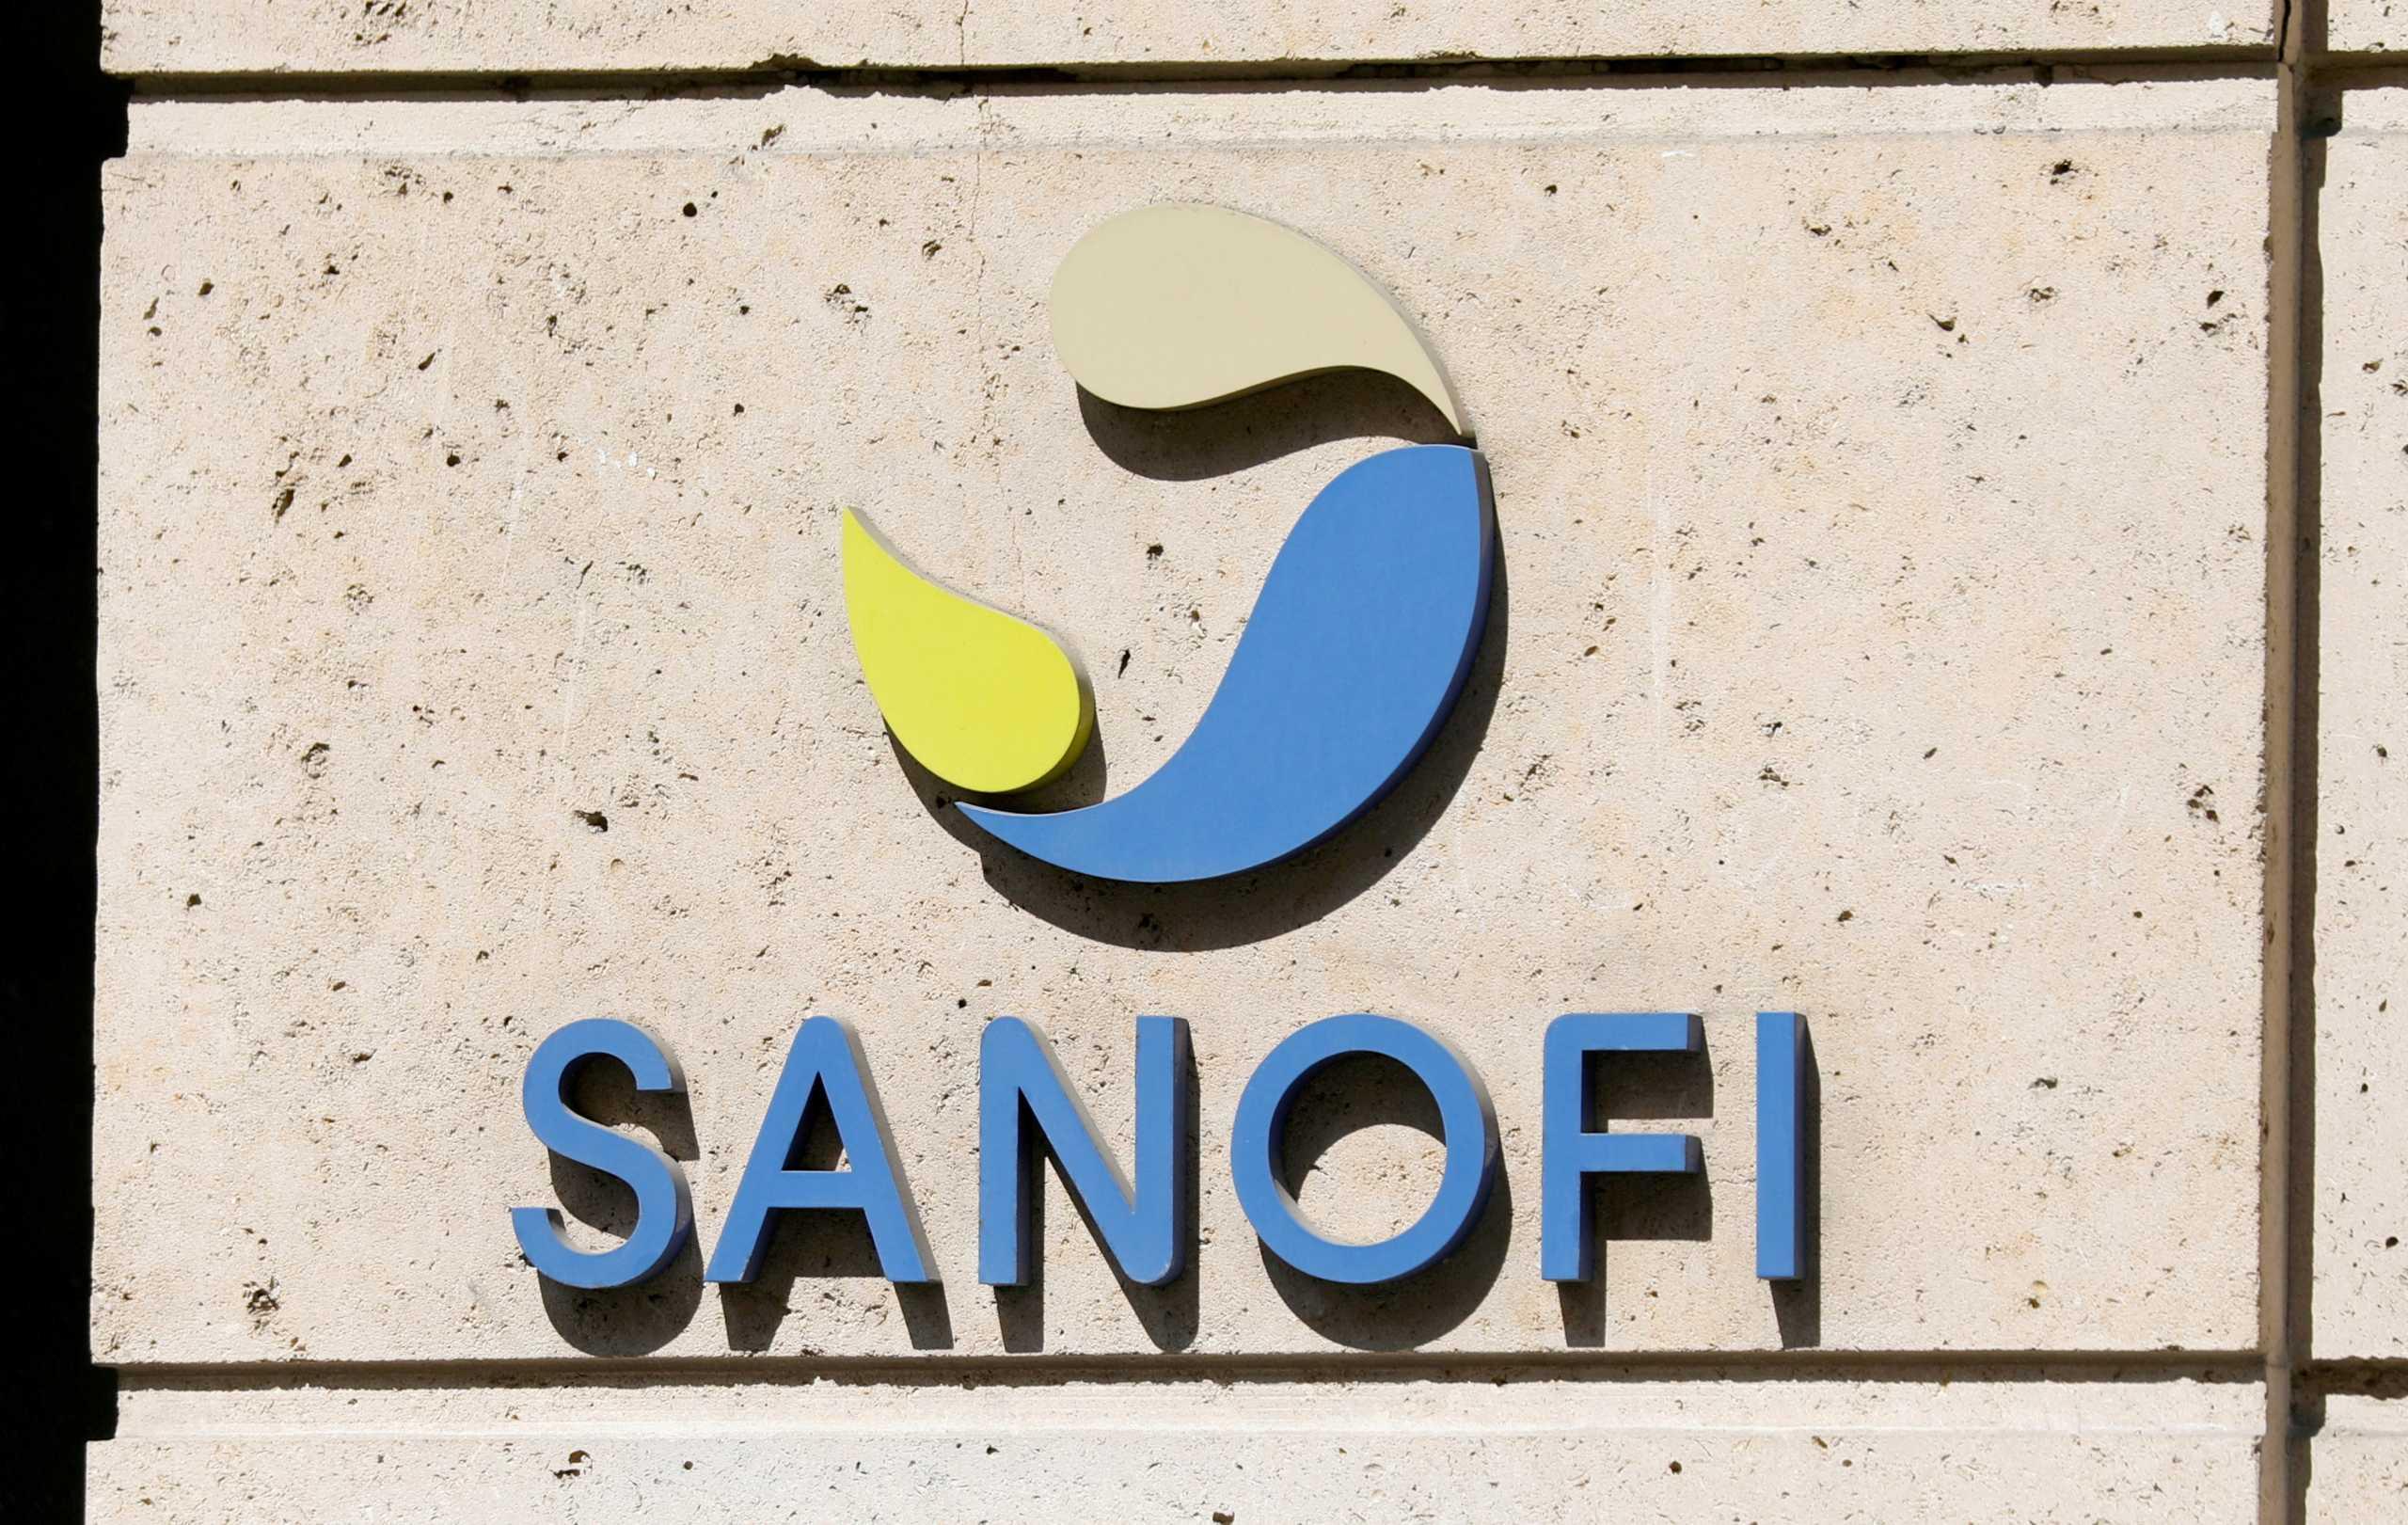 Κορονοϊός – εμβόλιο: Η Sanofi εγκαταλείπει την ανάπτυξη mRNA για την covid